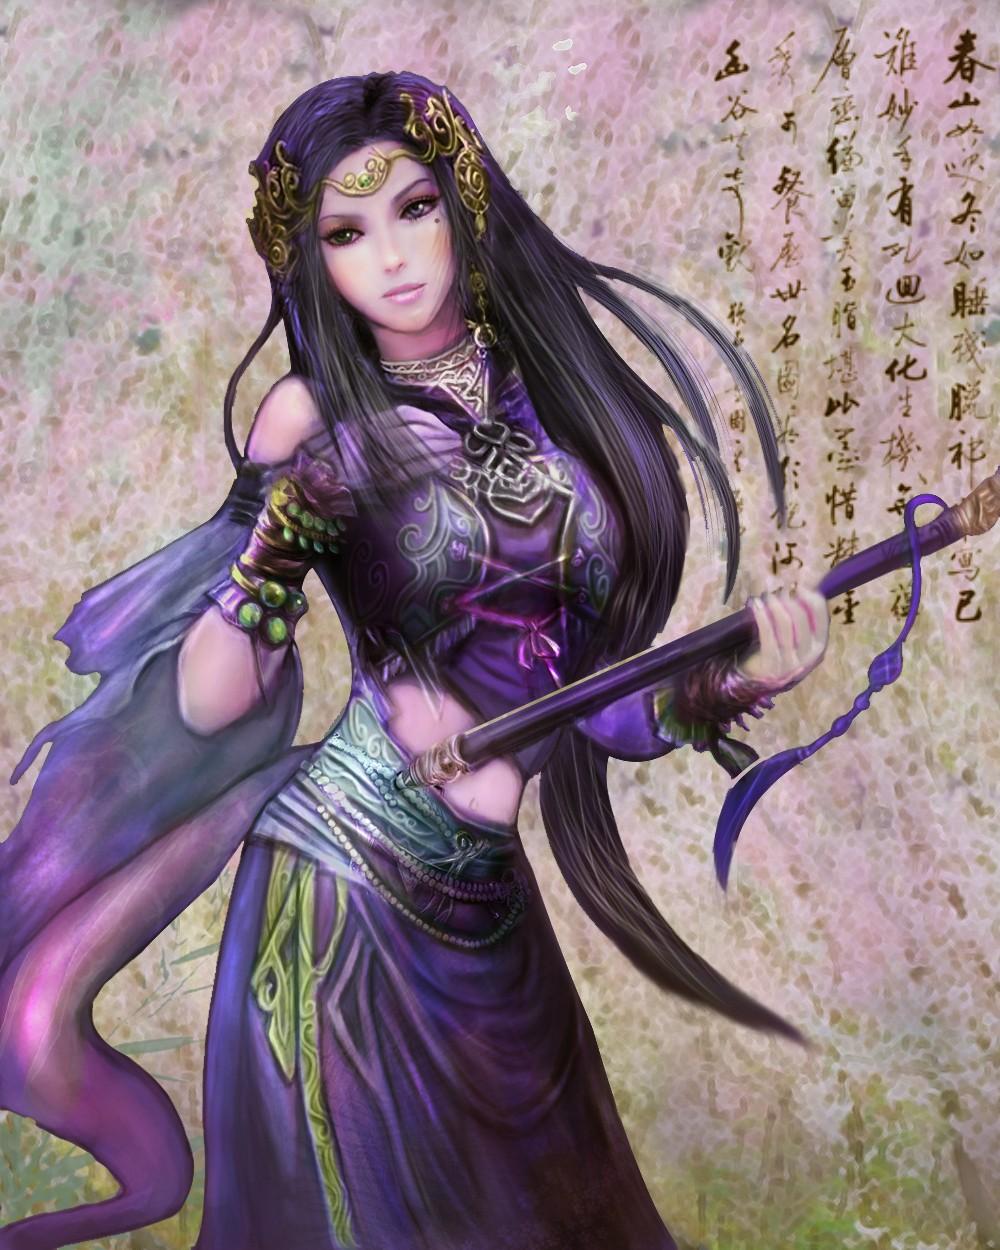 手绘古装紫衣女子蒙面